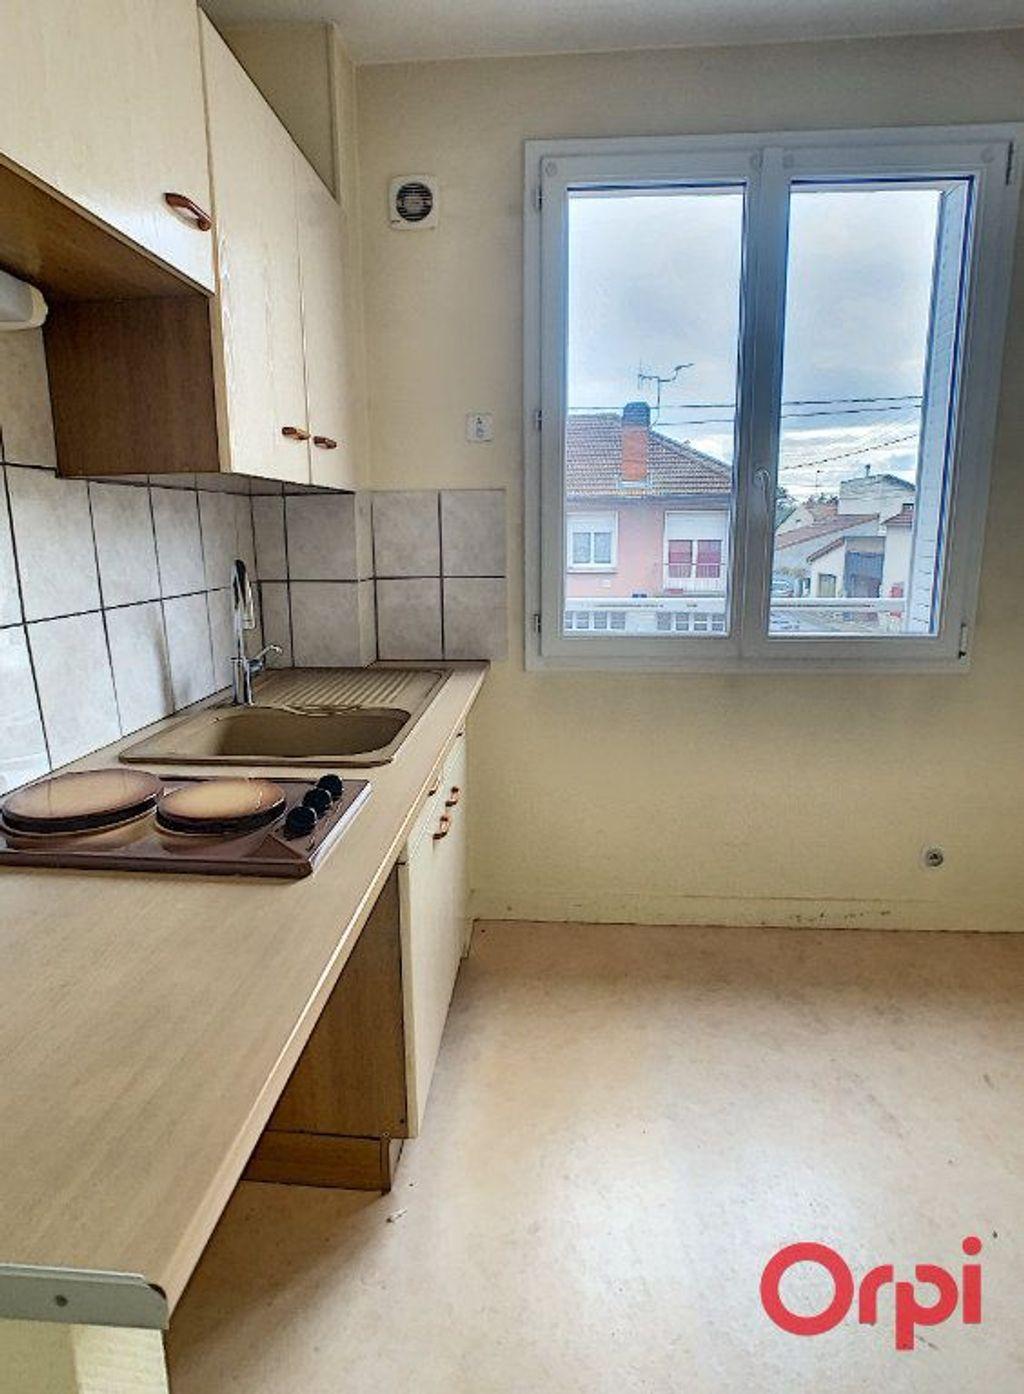 Achat appartement 2 pièce(s) Gannat